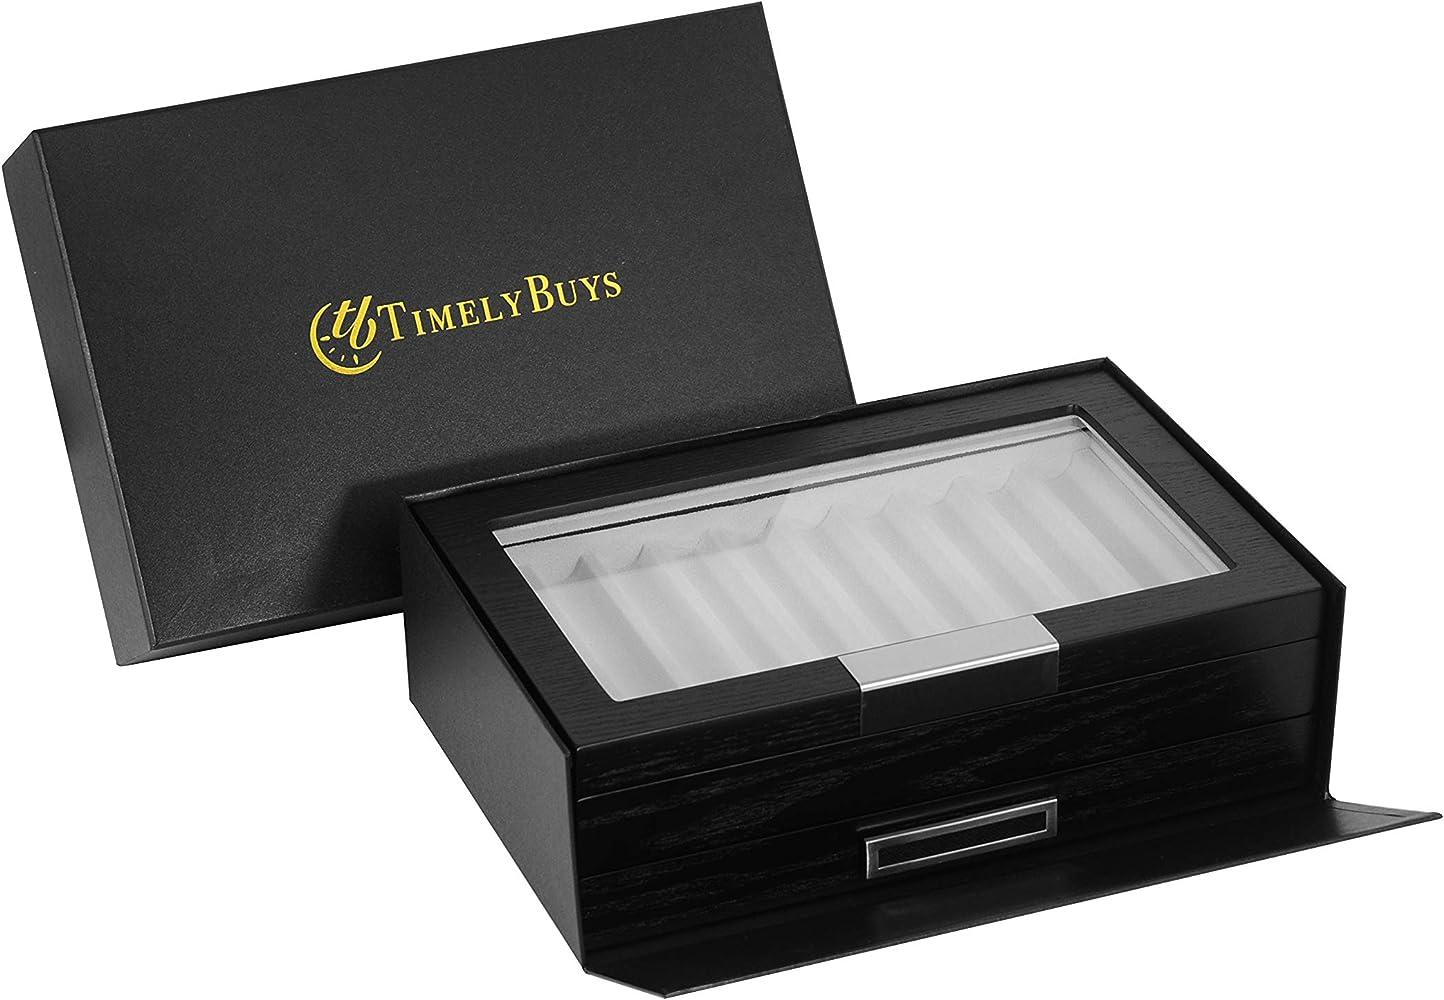 Caja organizadora de Madera de ébano Negro para Guardar bolígrafos y estilográficas, con Ventana de Cristal: Amazon.es: Relojes